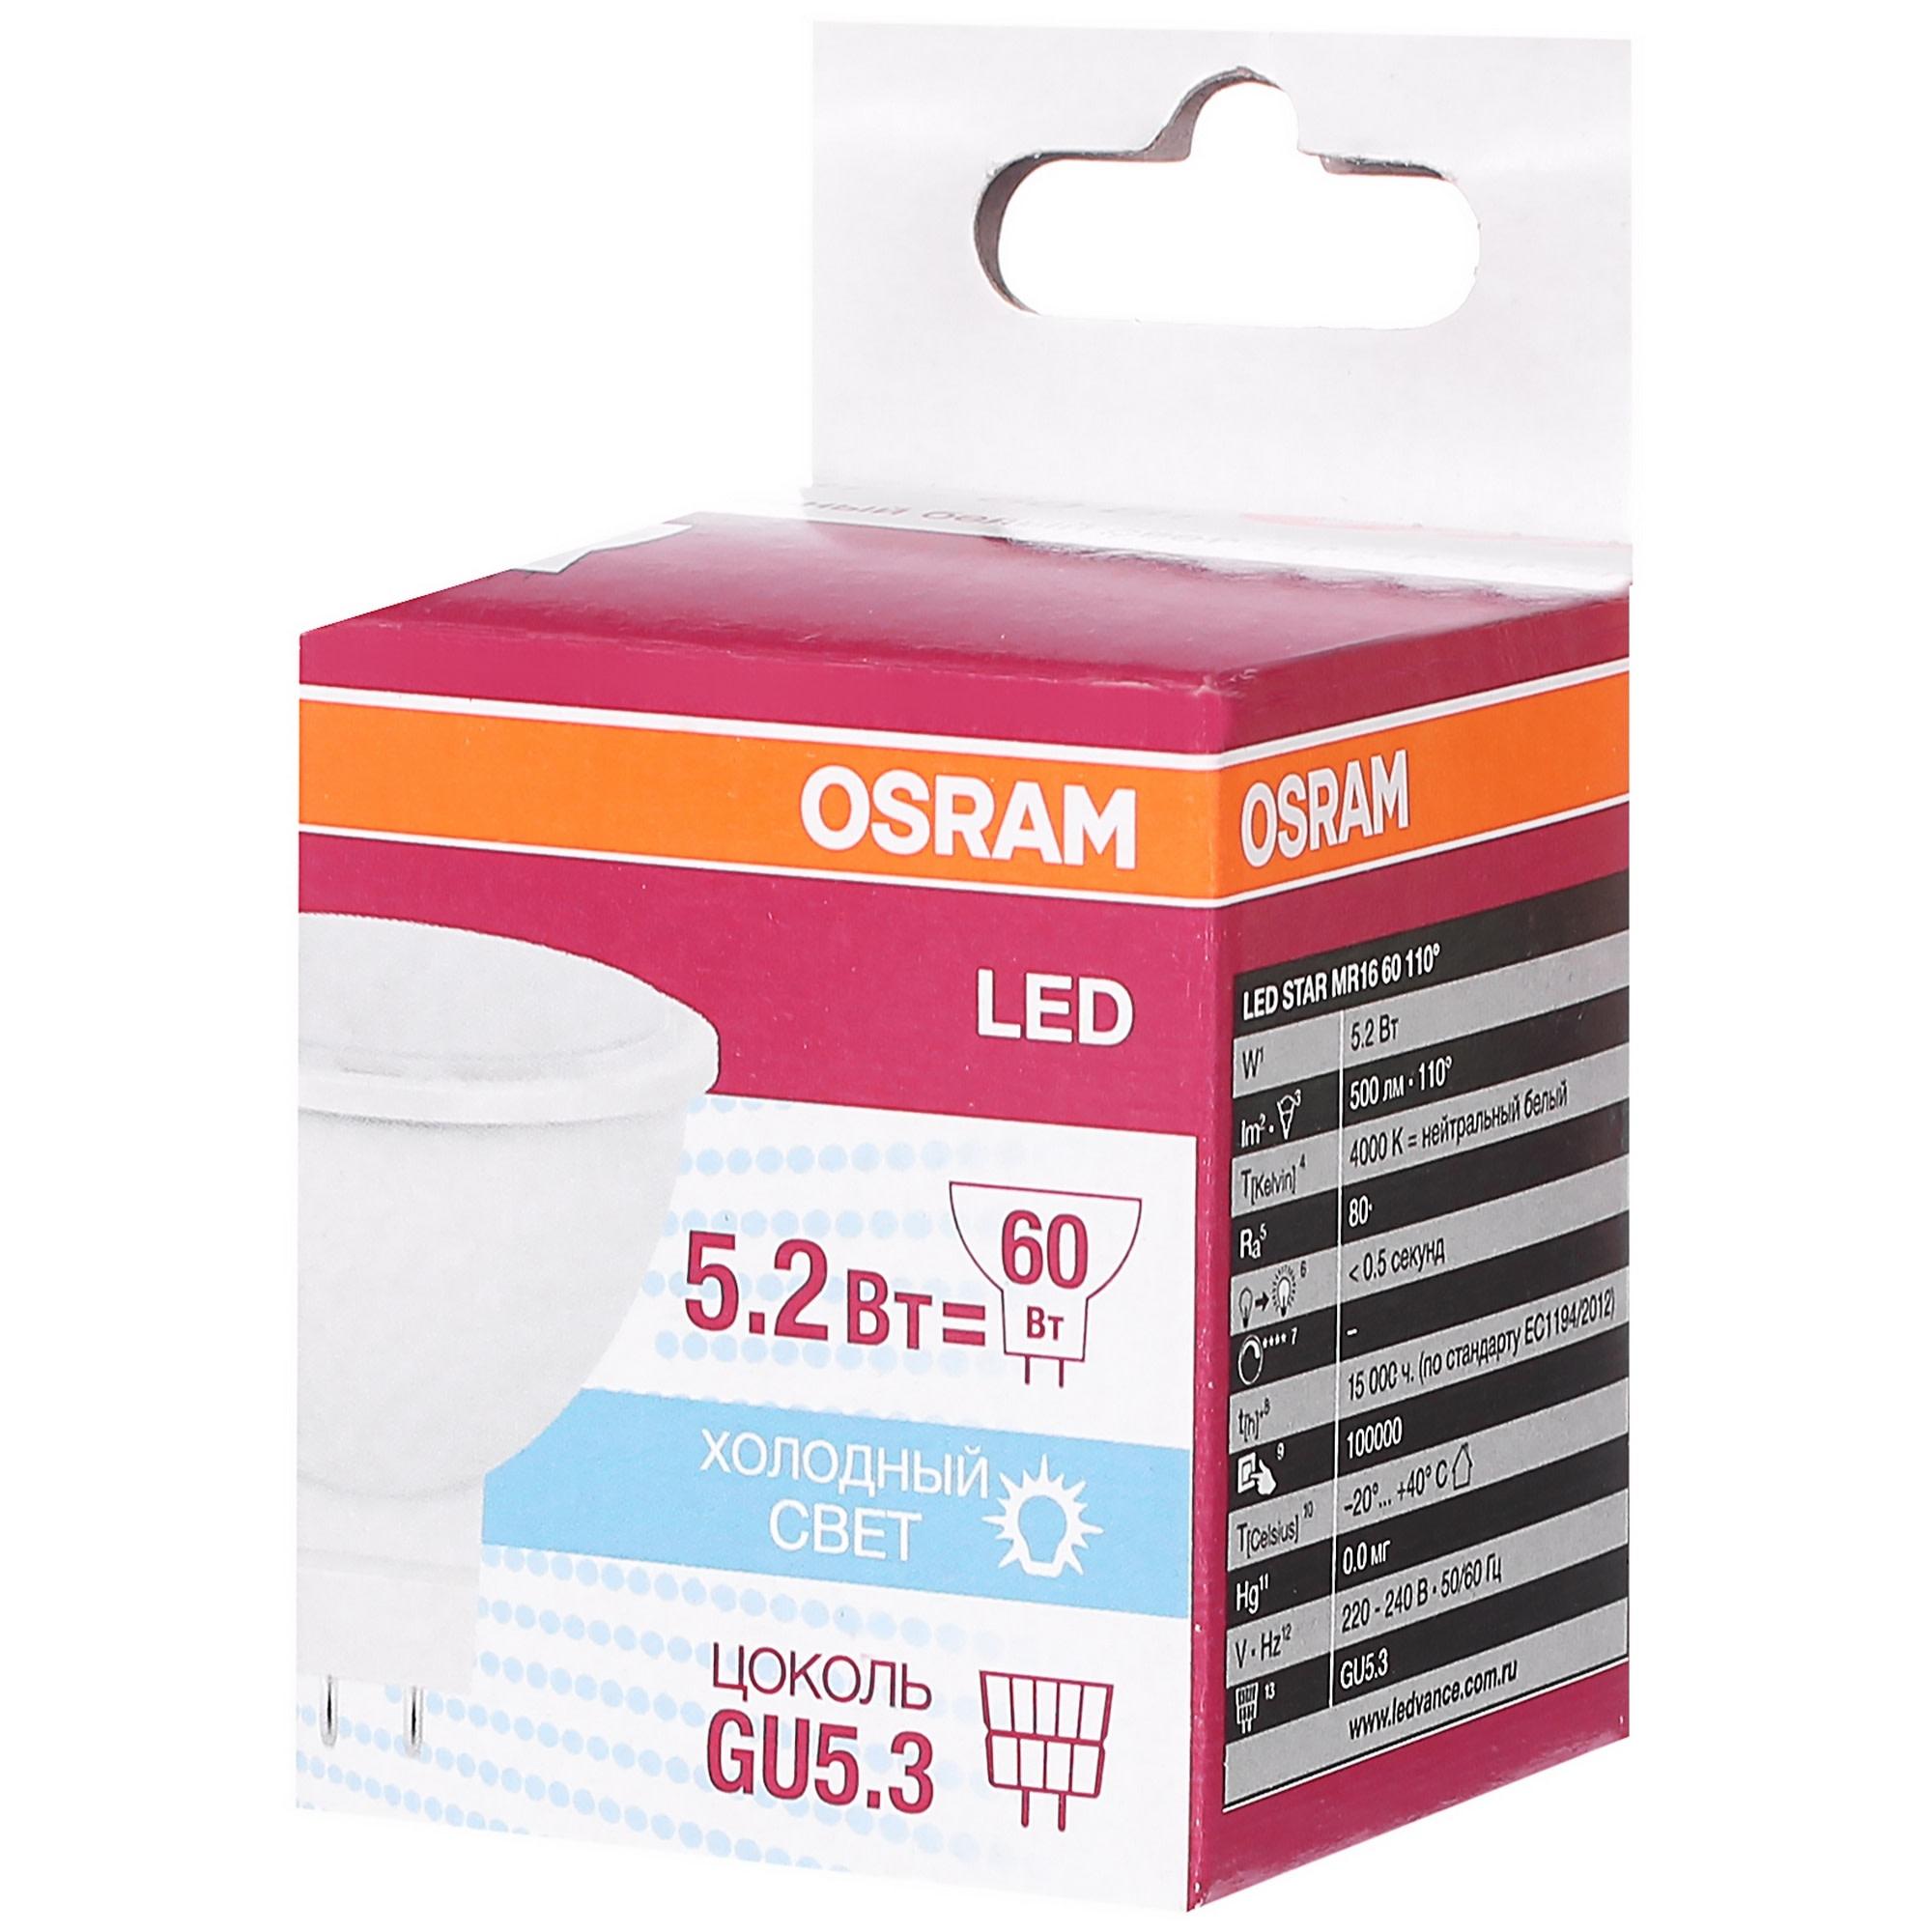 Лампа светодиодная Osram GU5.3 5.2 Вт 500 Лм свет холодный белый матовая колба